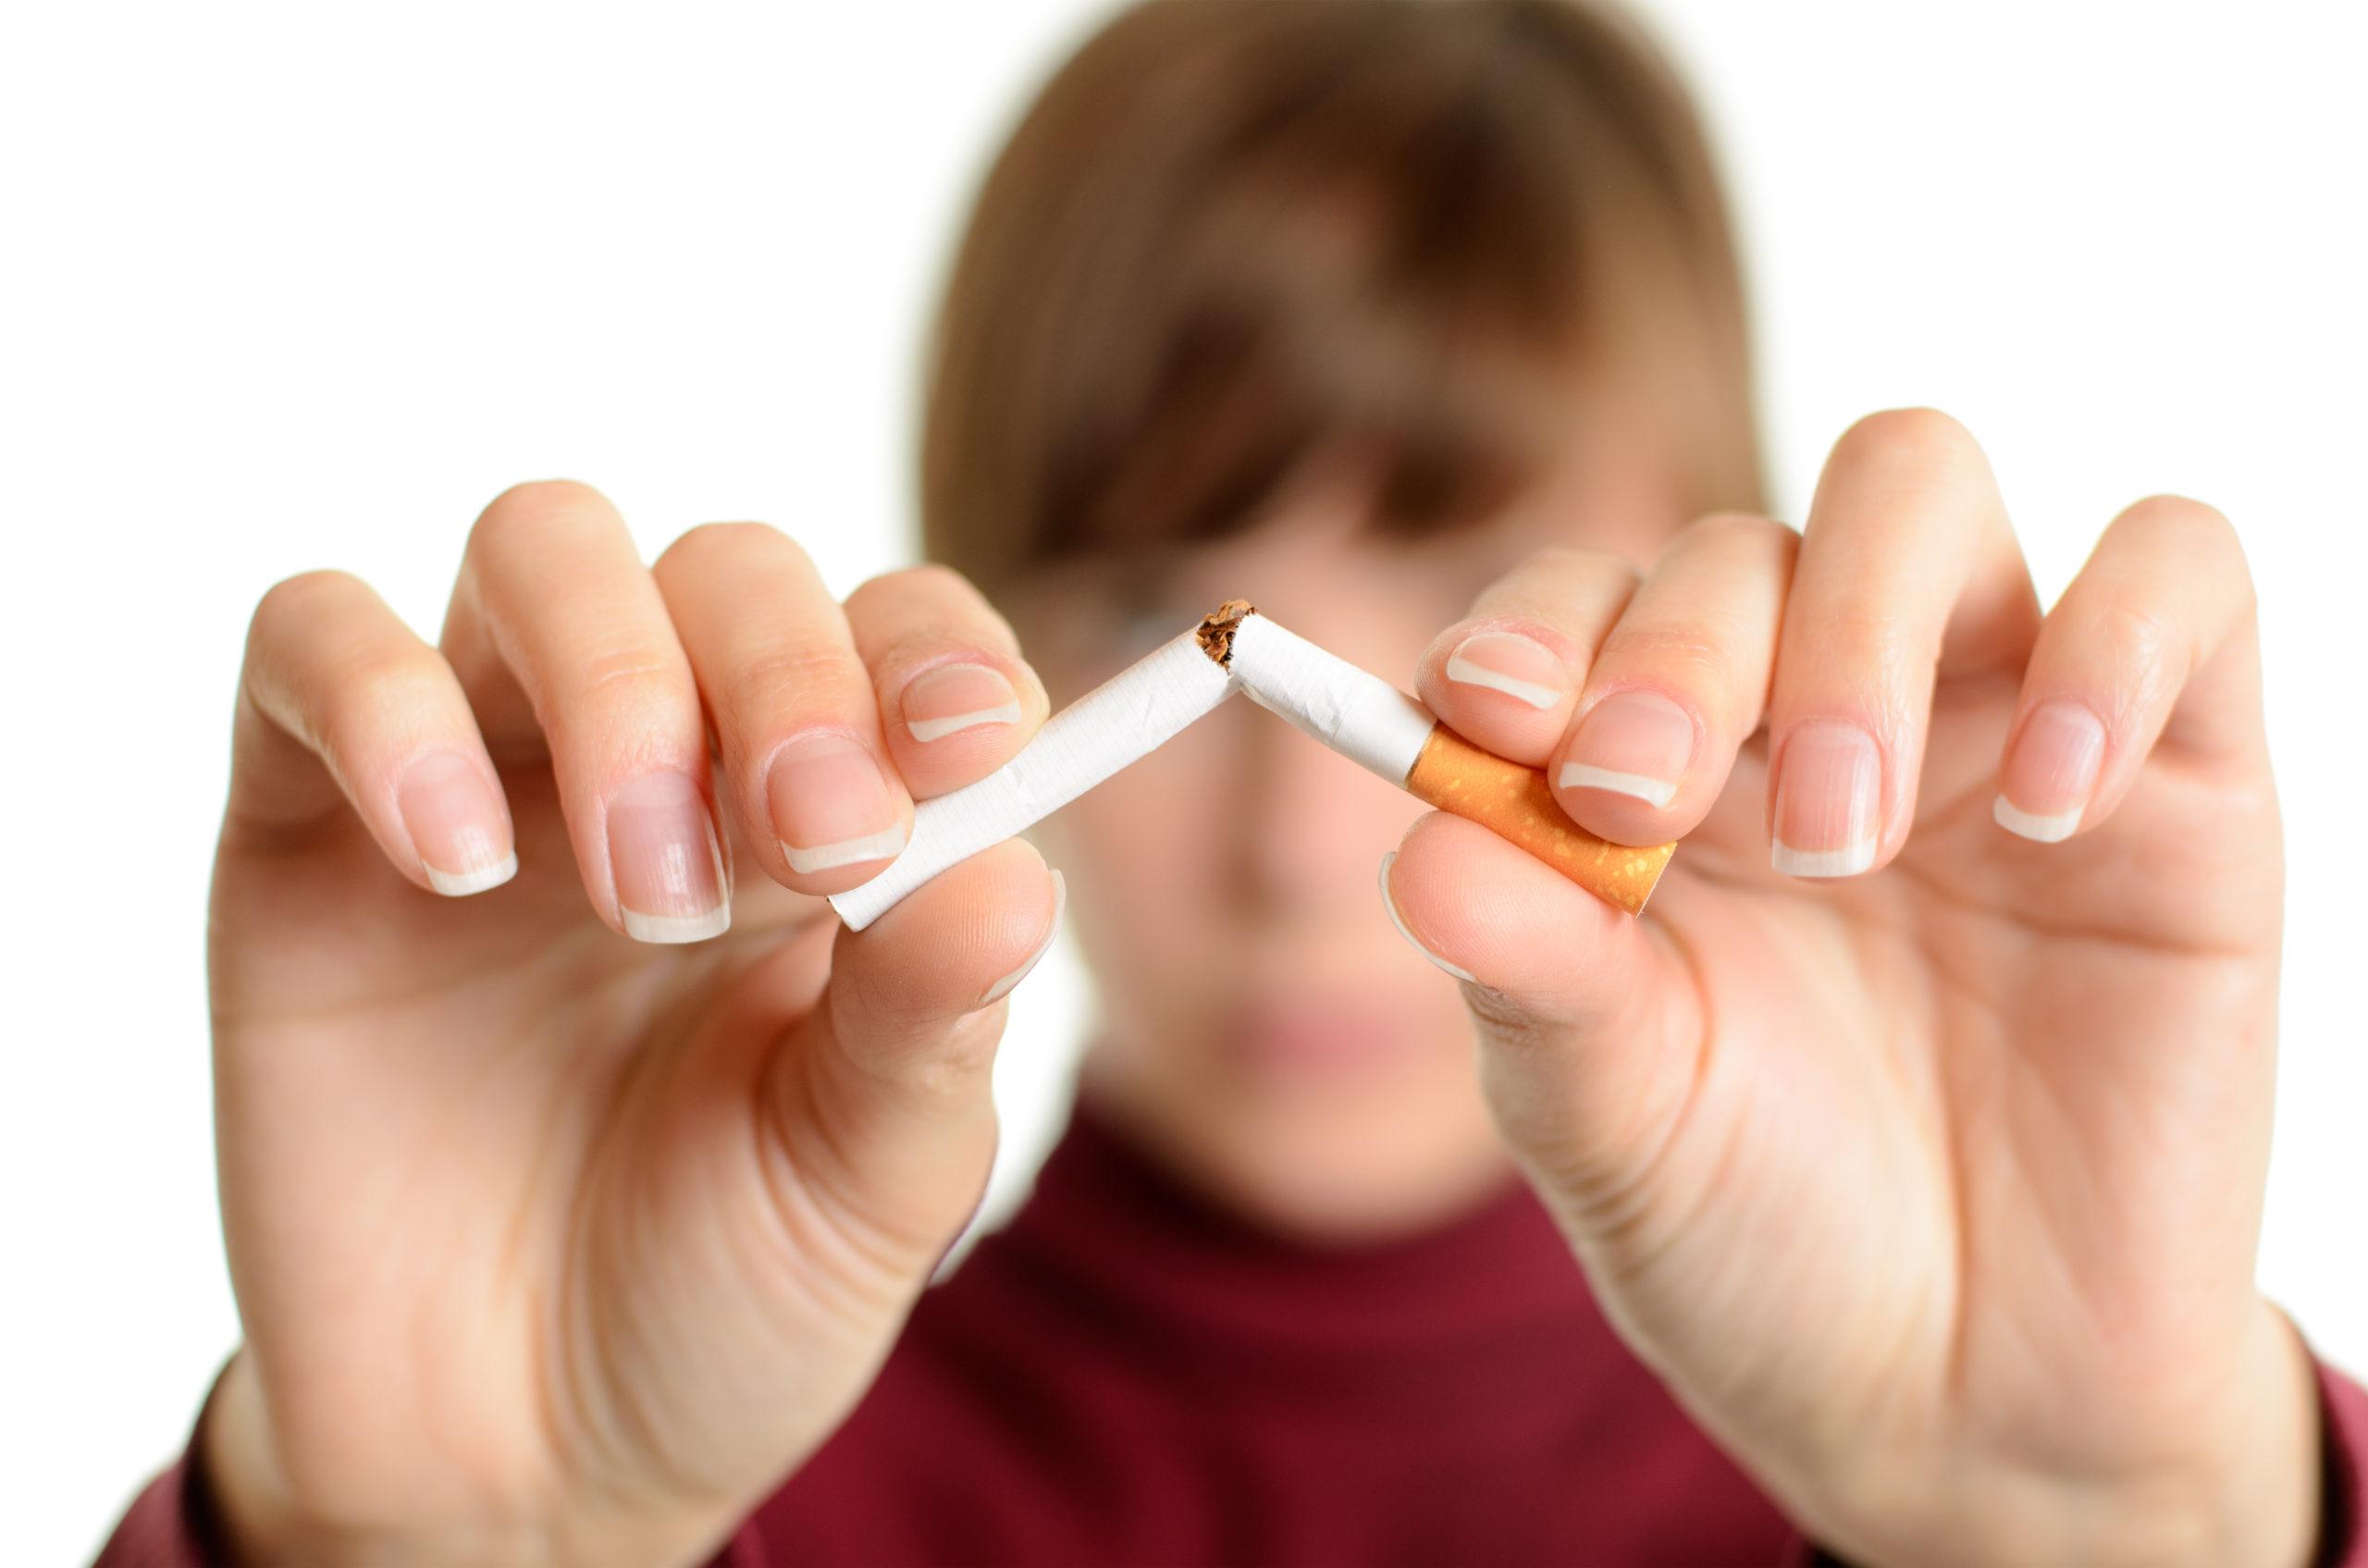 Aufhoren zu rauchen auf gbr haut